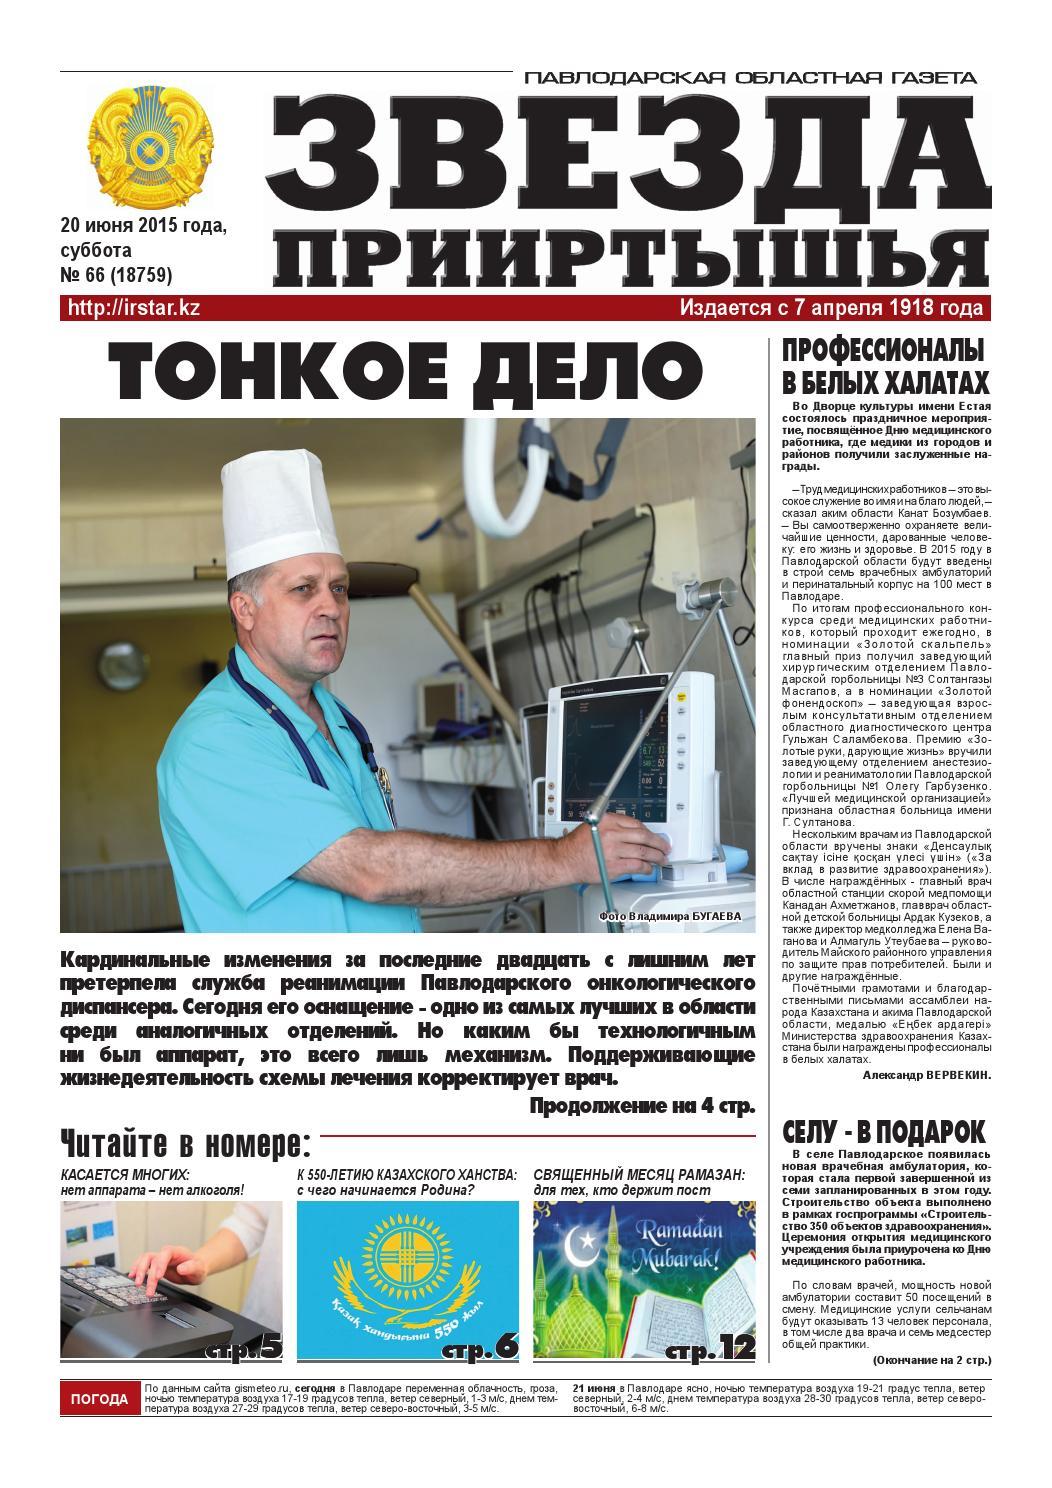 телефонный справочник павлодарской области железинский район